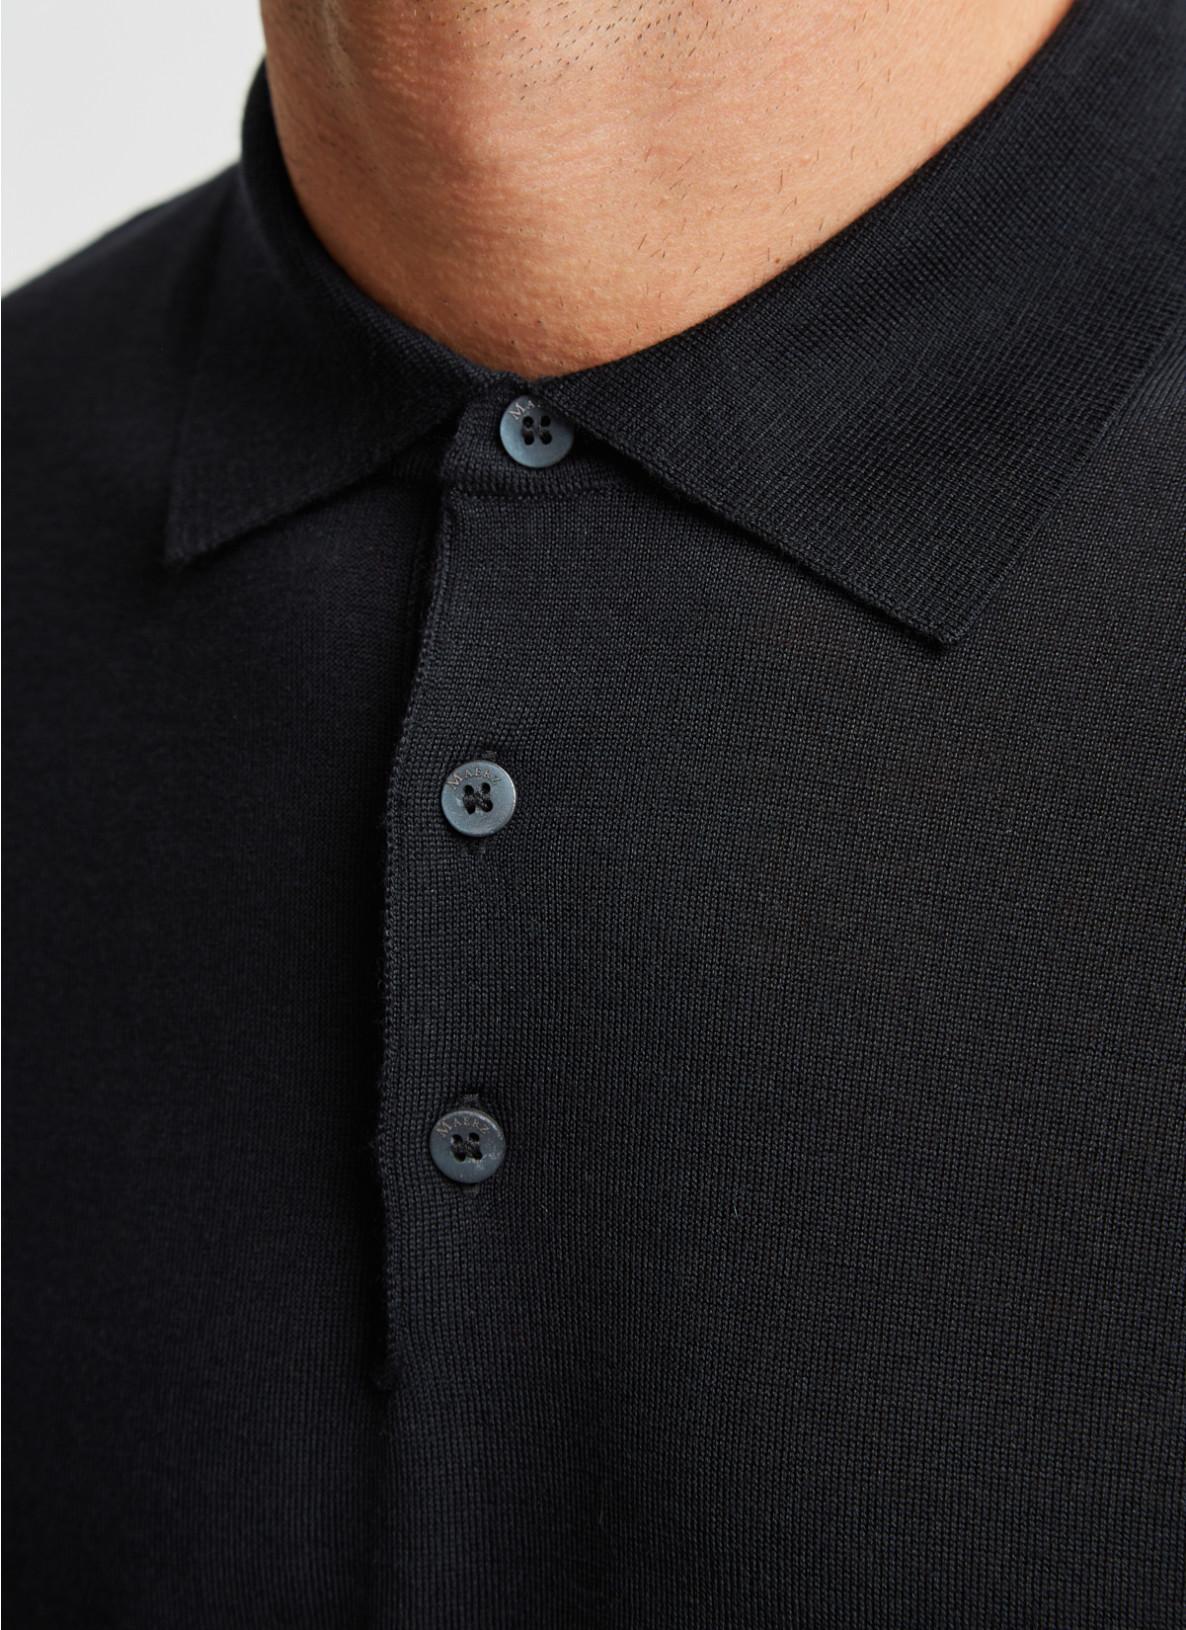 Pullover Polokragen, Knopf 1/1 Arm, BlackDetailansicht 1